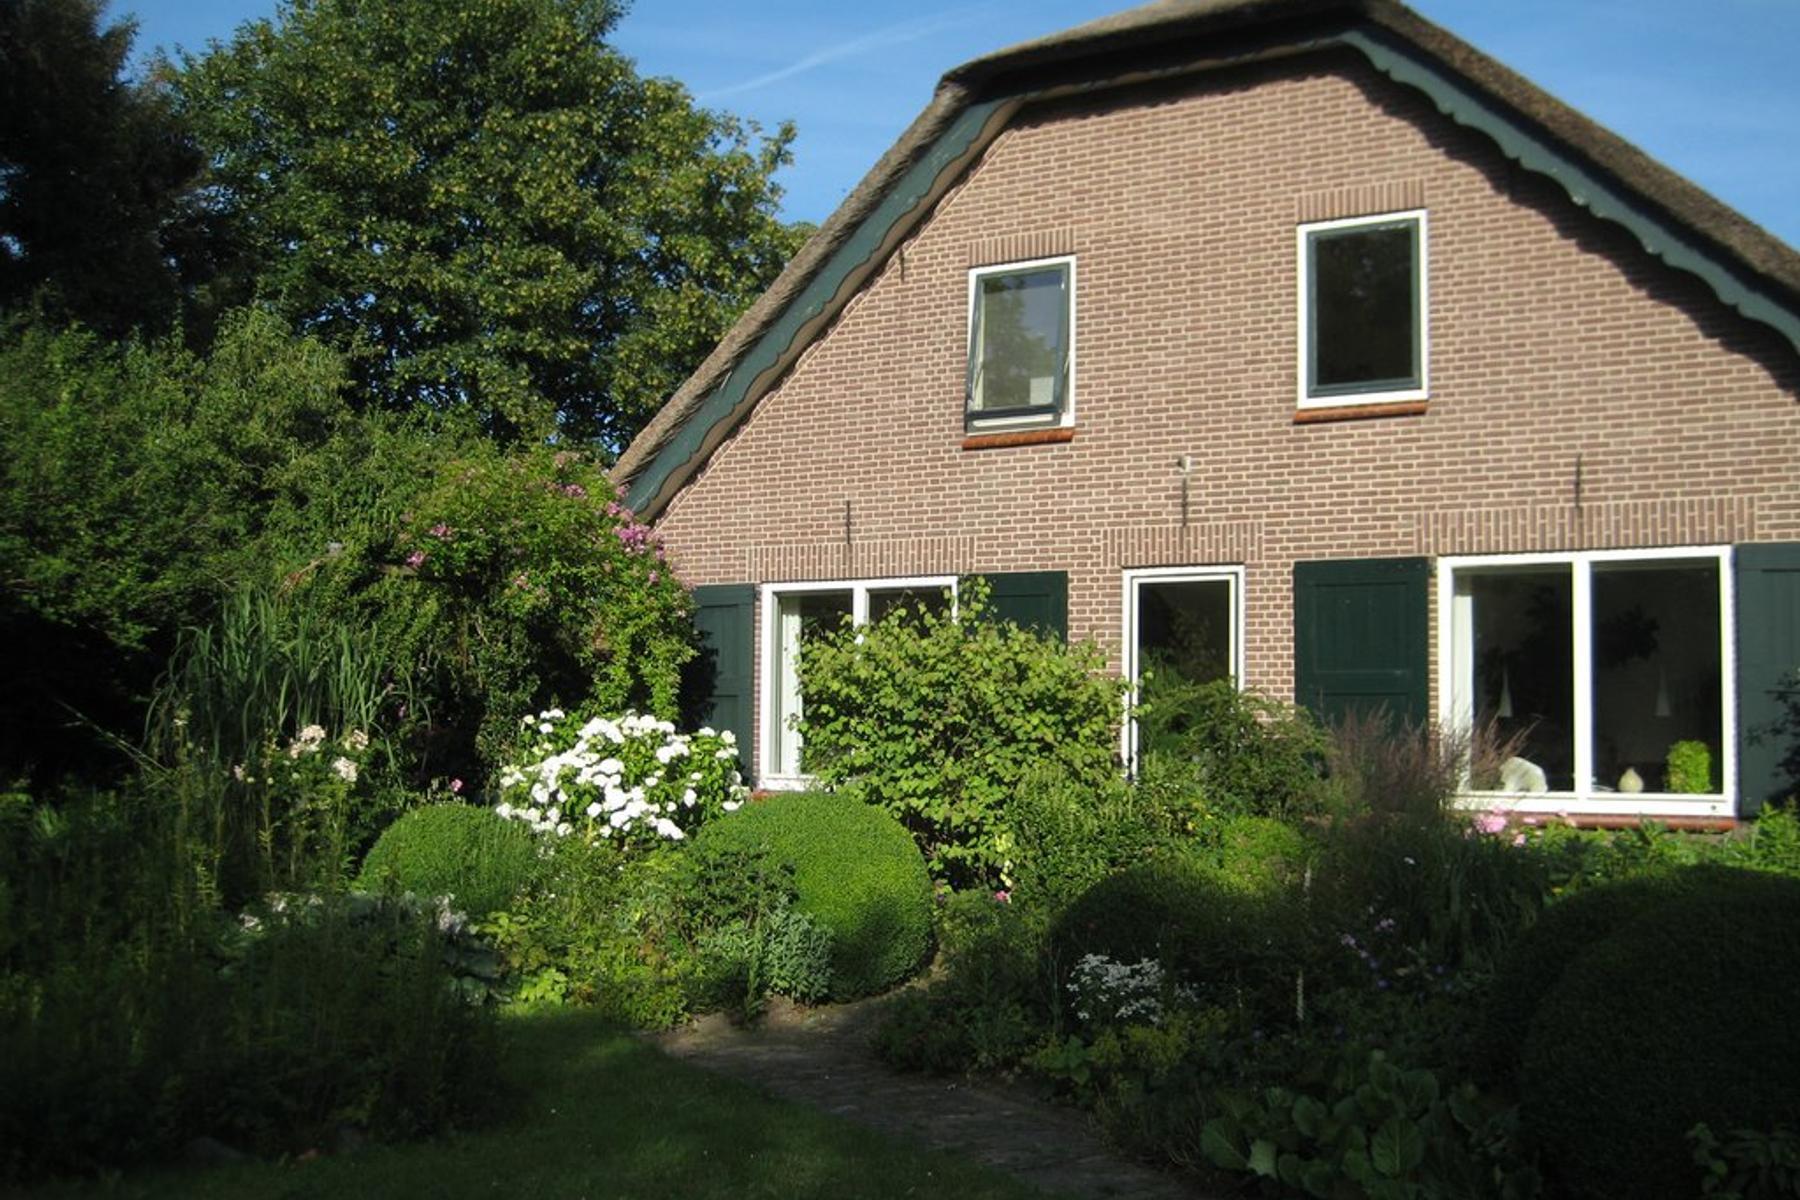 Odijkerweg 37 in Driebergen-Rijsenburg 3972 NE